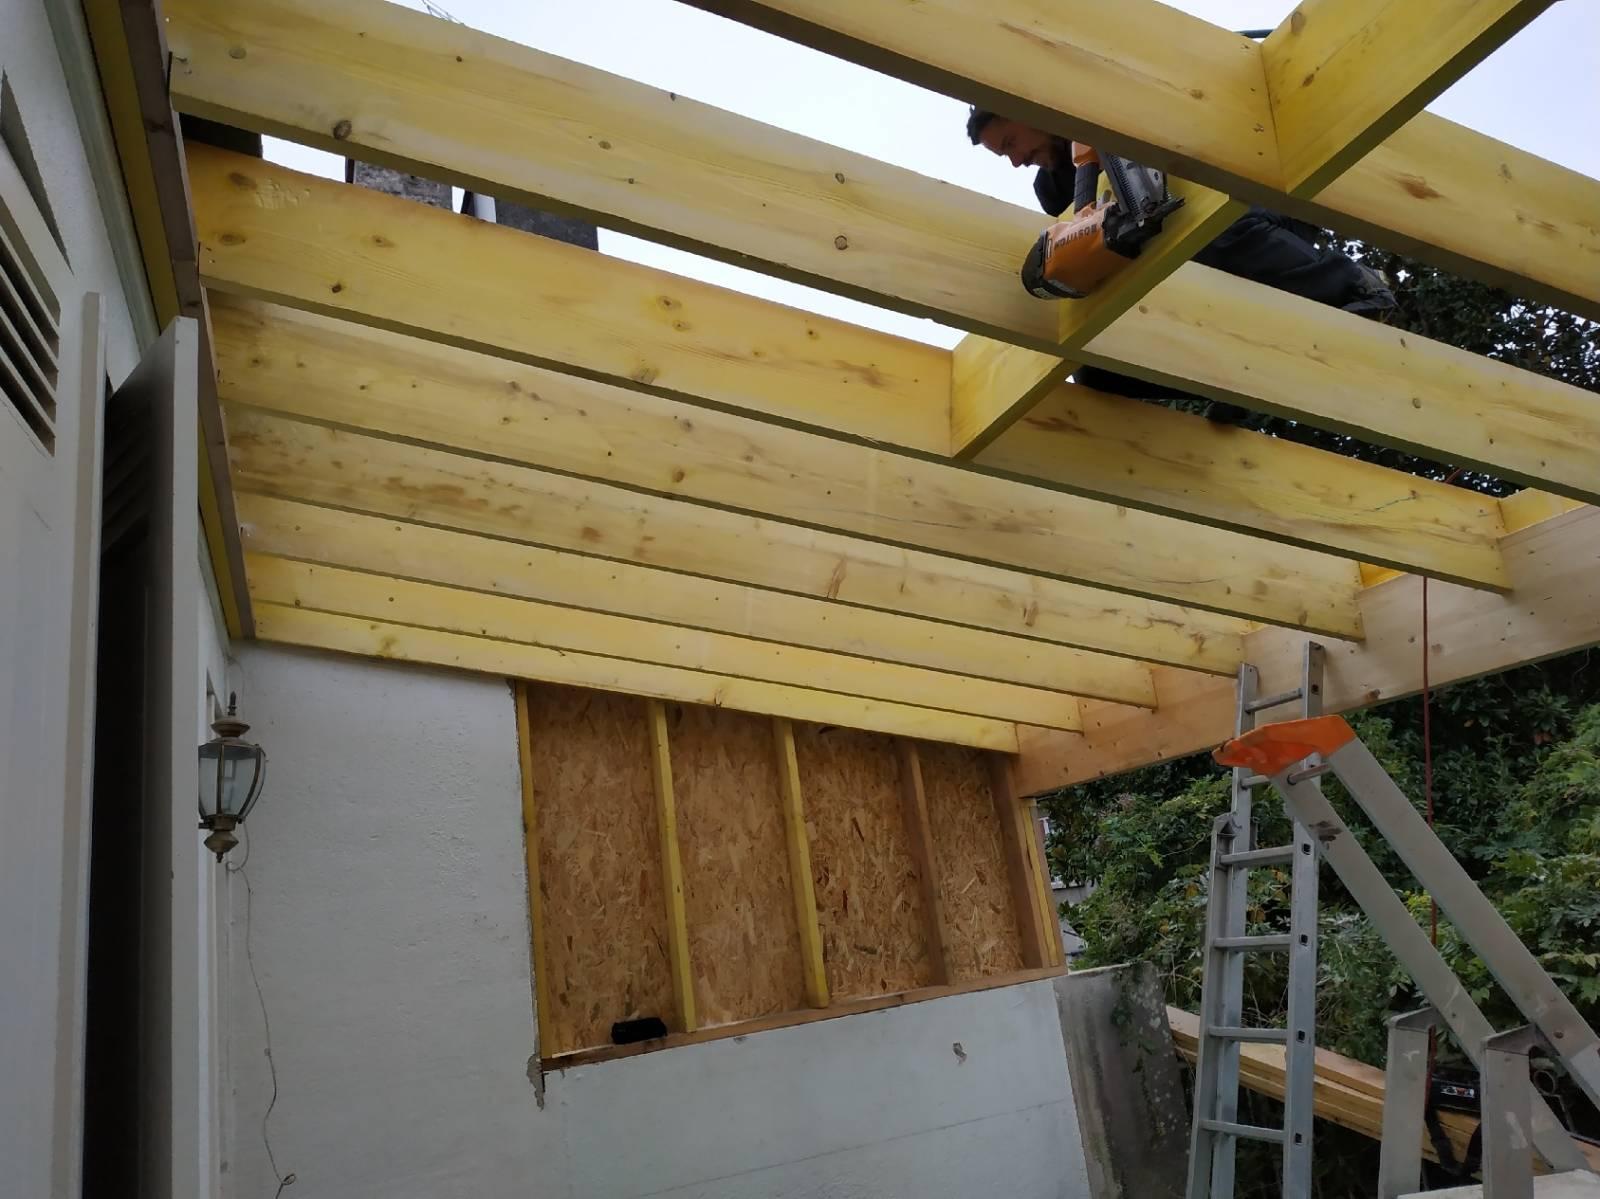 Renovation Et Reamenagement D Une Veranda Avec Charpente En Bois Et Une Toiture En Zinc Sur Un Immeuble En Pierre Sur Bordeaux Cbl